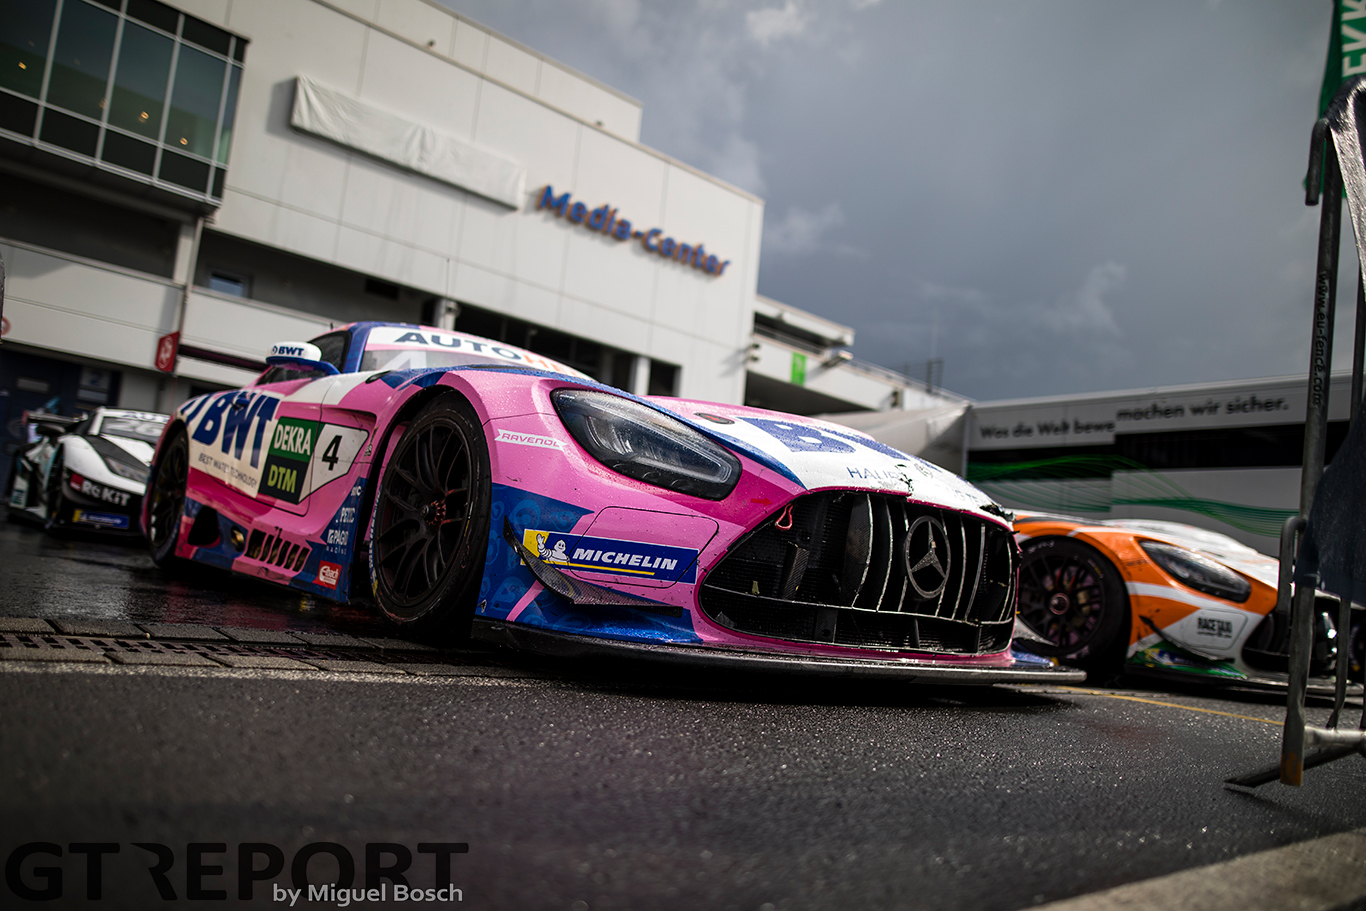 DTM Nürburgring gallery